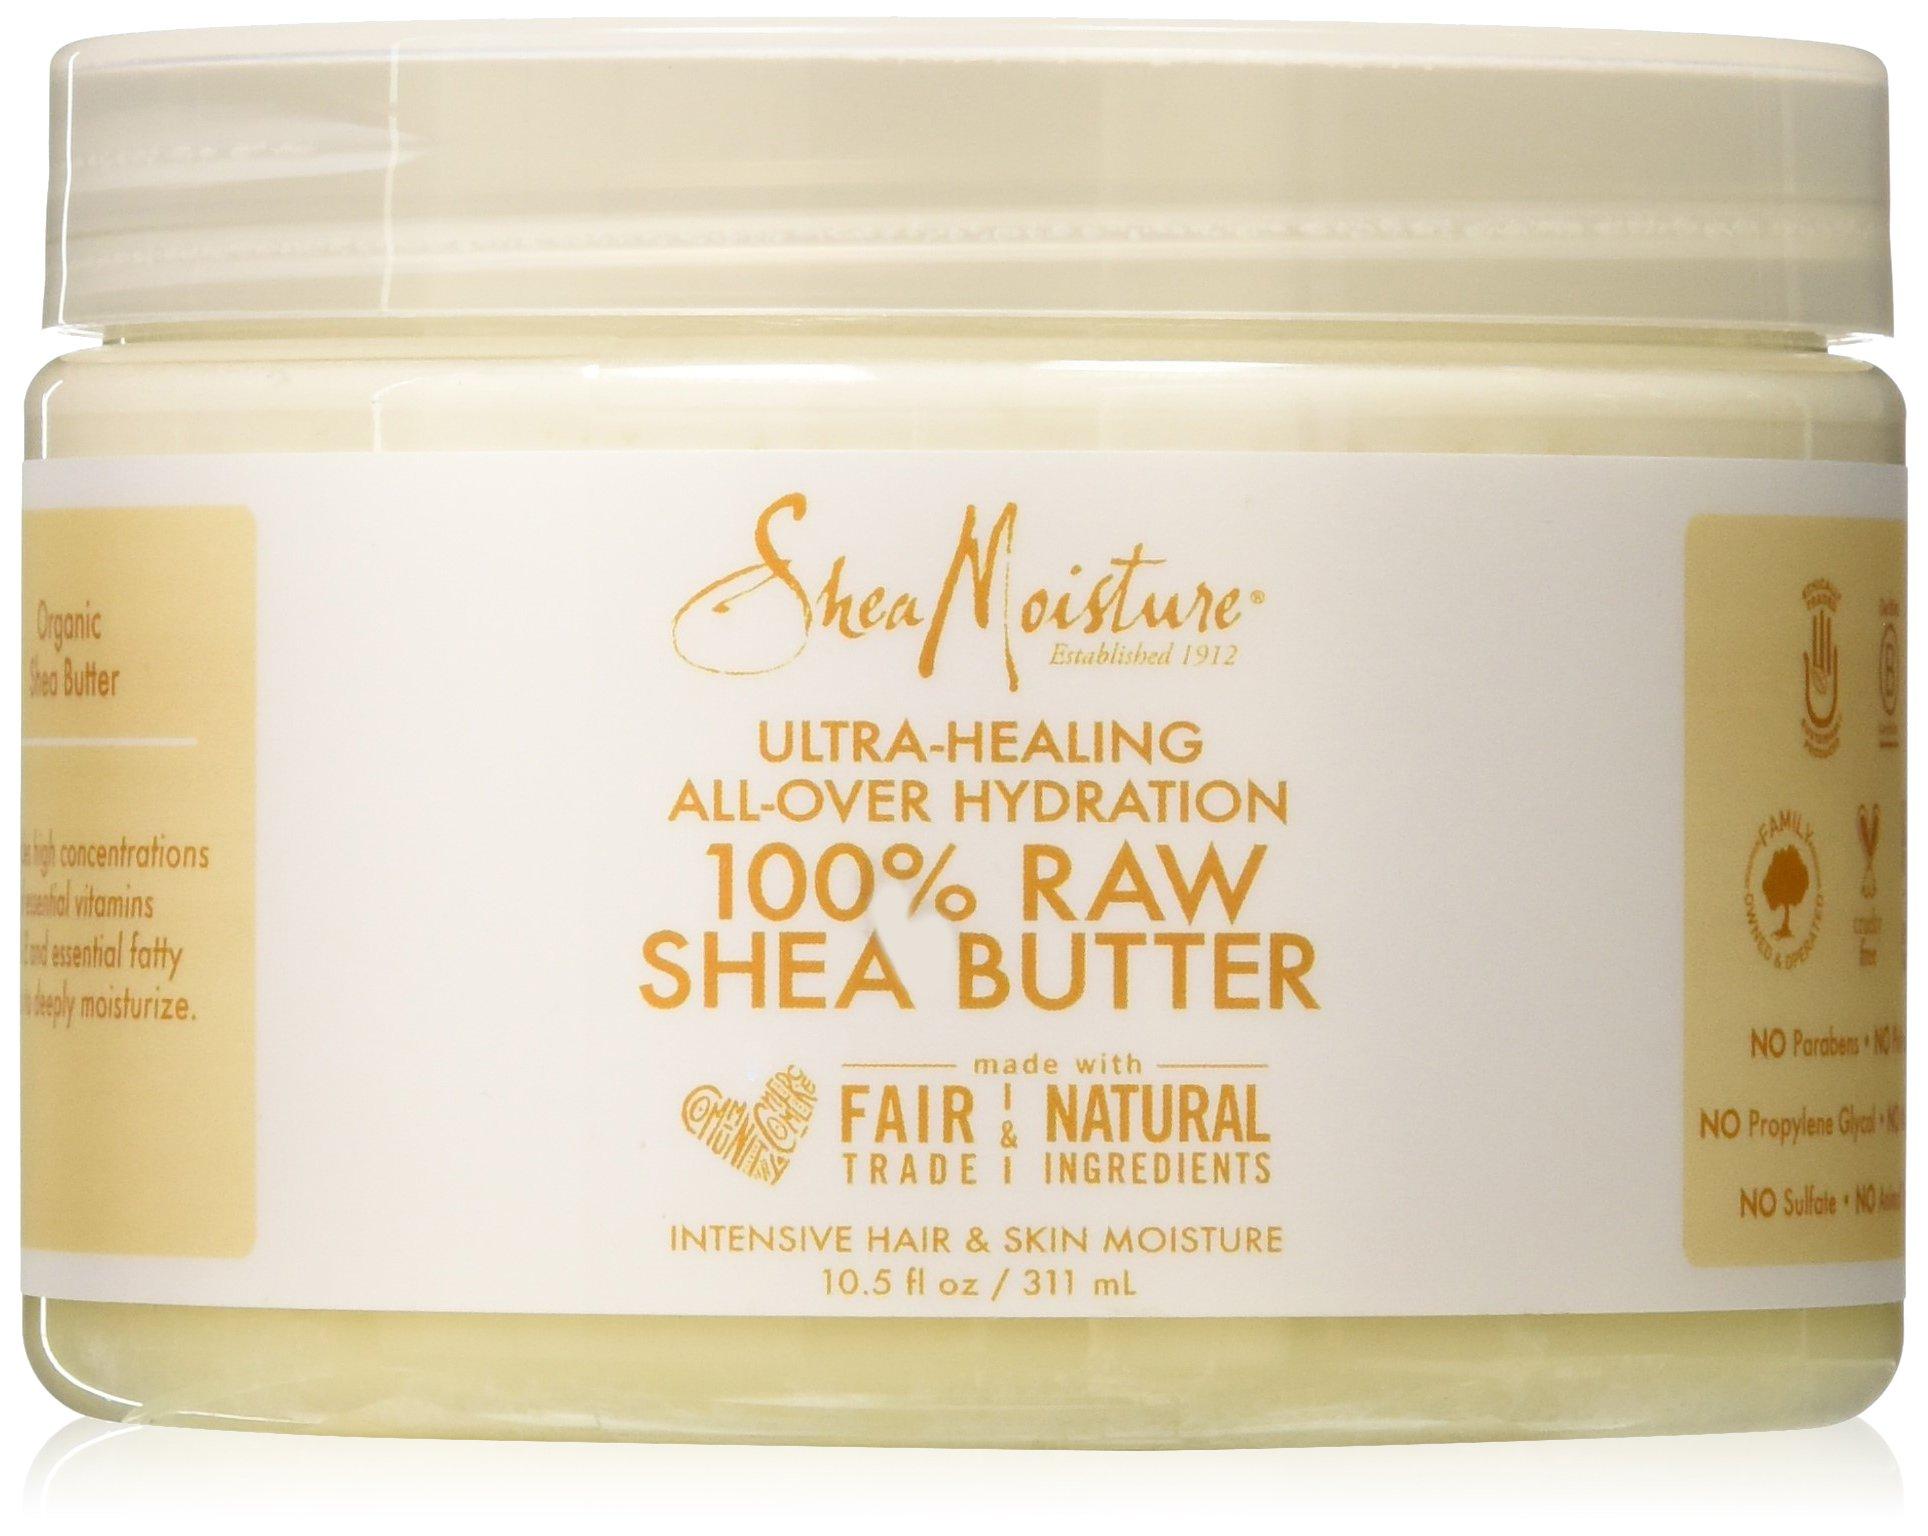 Shea Moisture Raw Shea Butter, 10.5 Ounce